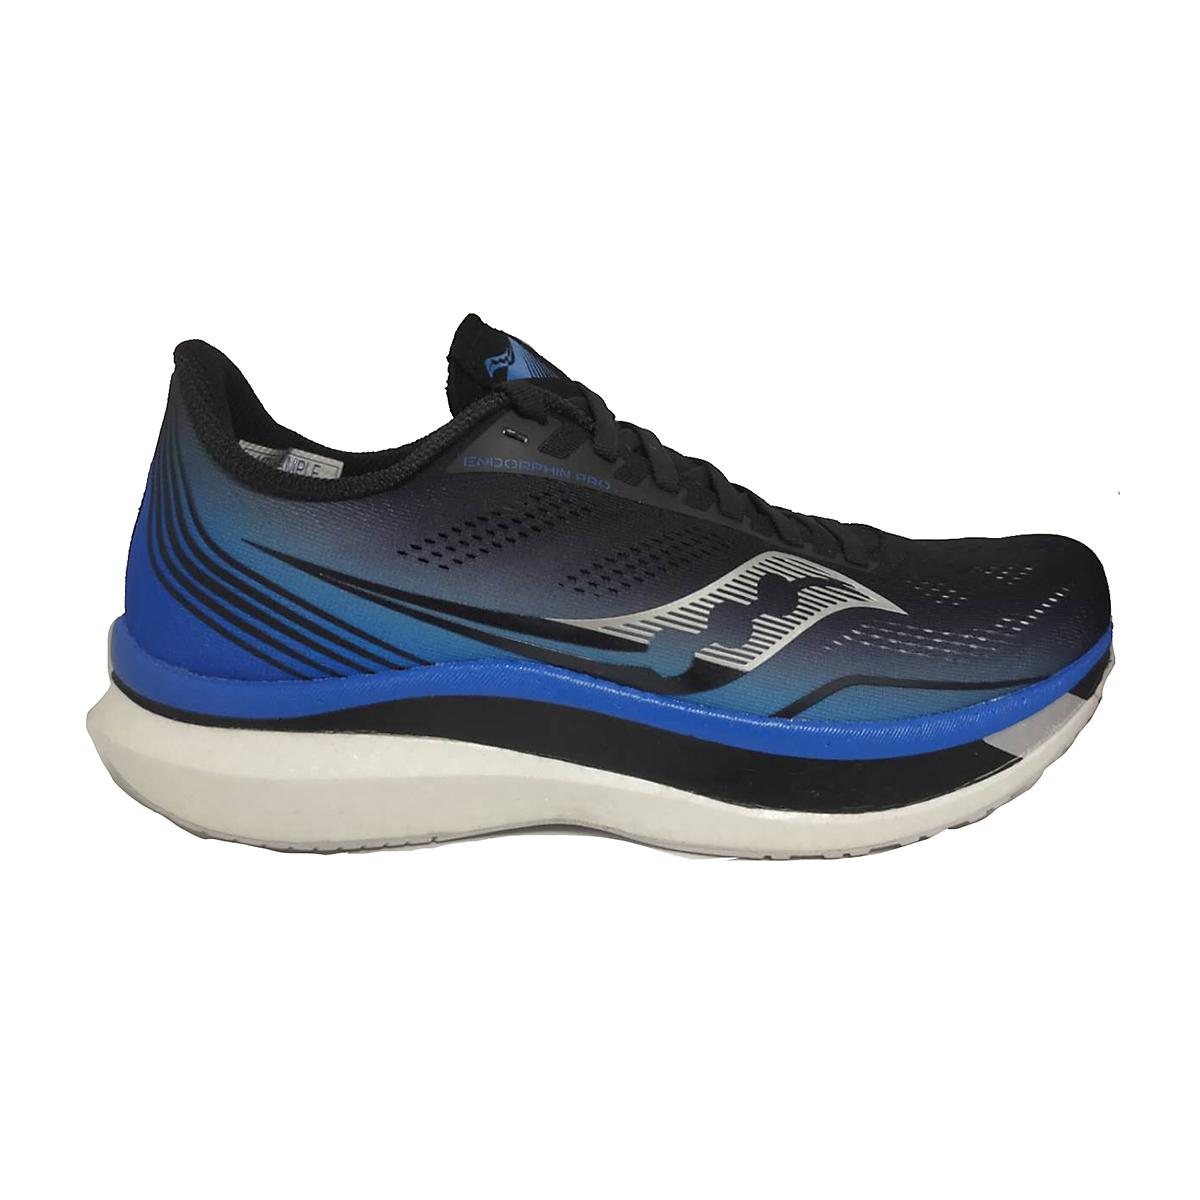 Men's Saucony Endorphin Pro Running Shoe - Color: Royal Blue - Size: 7 - Width: Regular, Royal Blue, large, image 1